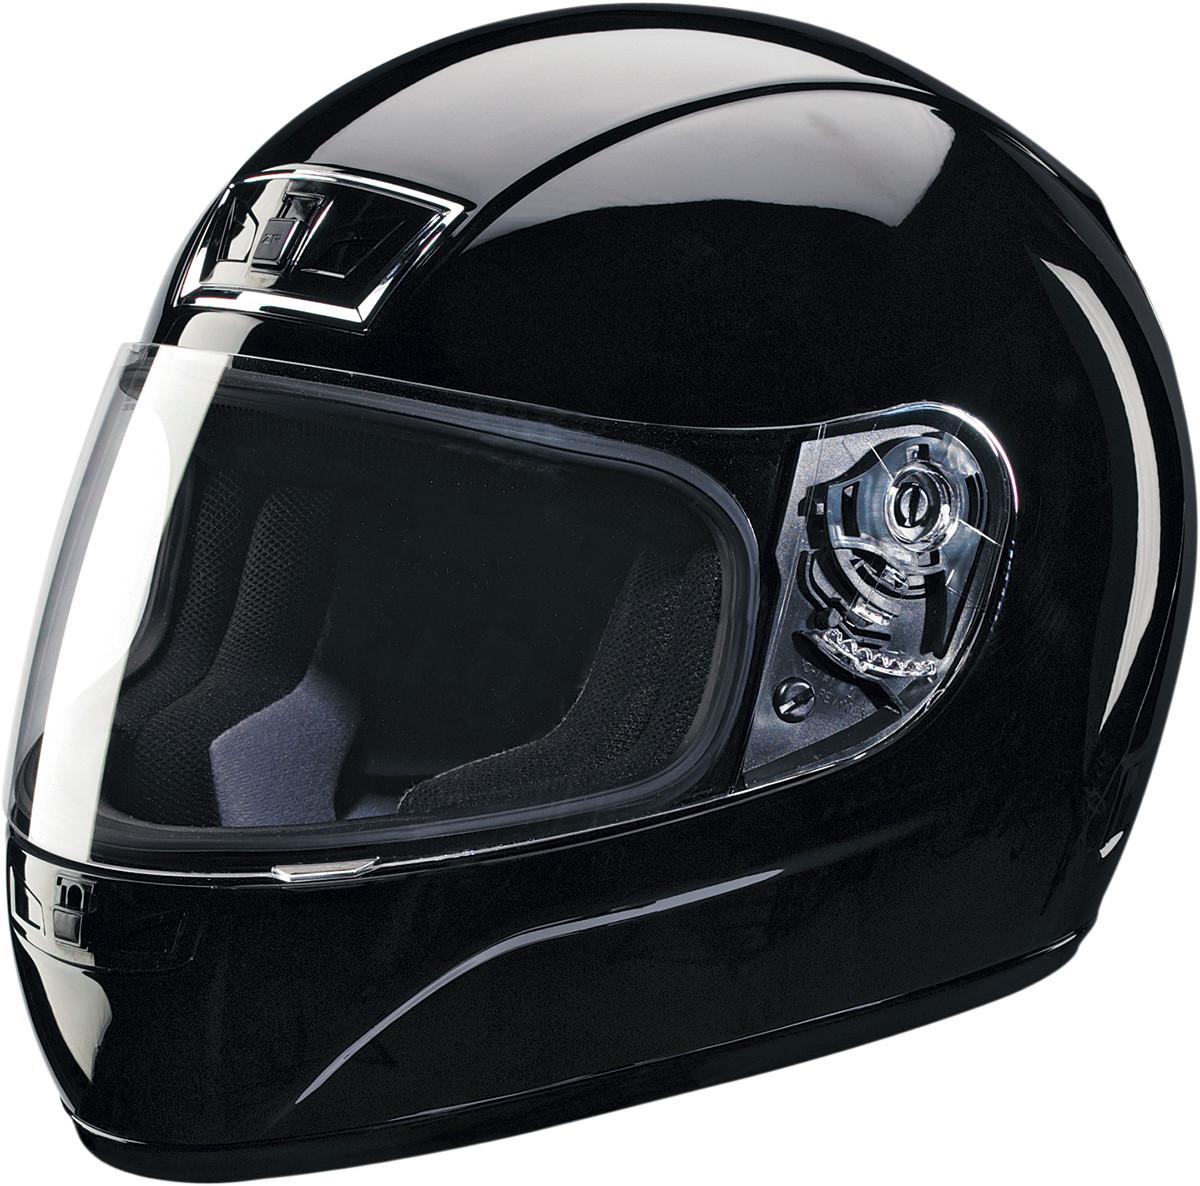 Safest Motorcycle Helmet >> Custom Full Face Motorcycle Helmets Custom Full Face ...